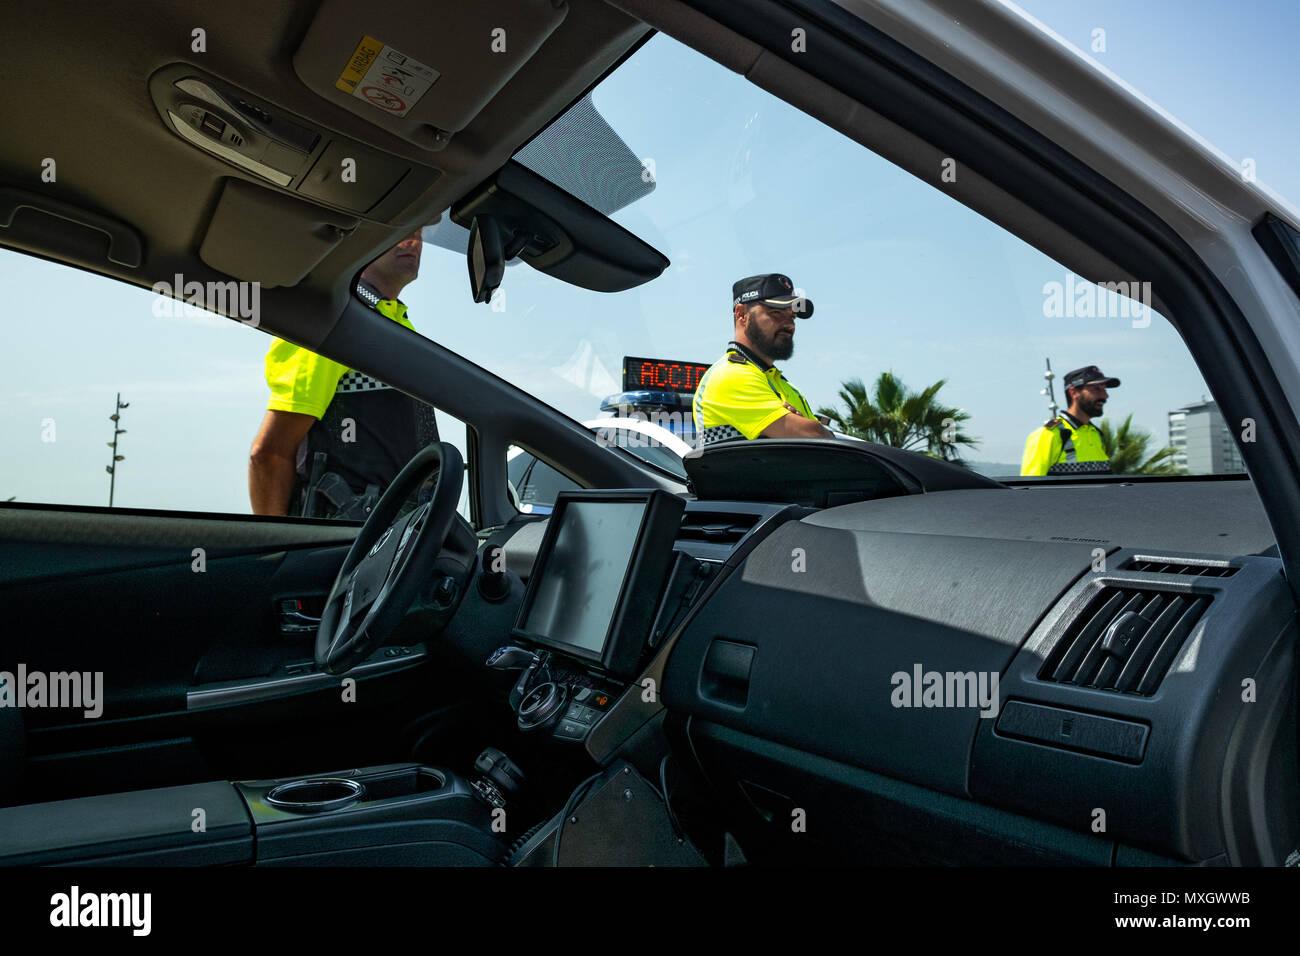 Barcellona, in Catalogna, Spagna. Il 4 giugno, 2018. Immagine dell'interno di uno dei nuovi veicoli con i dati di controllo delle informazioni di computer.Con la presenza del Sindaco Ada Colau e la sicurezza il commissario Amadeu Recasens, la presentazione della pattuglia nuovo parco veicoli della Guardia Urbana de Barcelona La polizia ha avuto luogo. L'investimento è stato di 12,6 milioni di euro. I veicoli nuovi con un sistema ibrido consentono un risparmio di combustibile di 608 euro per veicolo e per anno. Queste nuove auto sono dotate di nuove tecnologie di comunicazione e le telecamere con riconoscimento targhe. Allo stesso modo, tutti i veicoli sono equi Immagini Stock